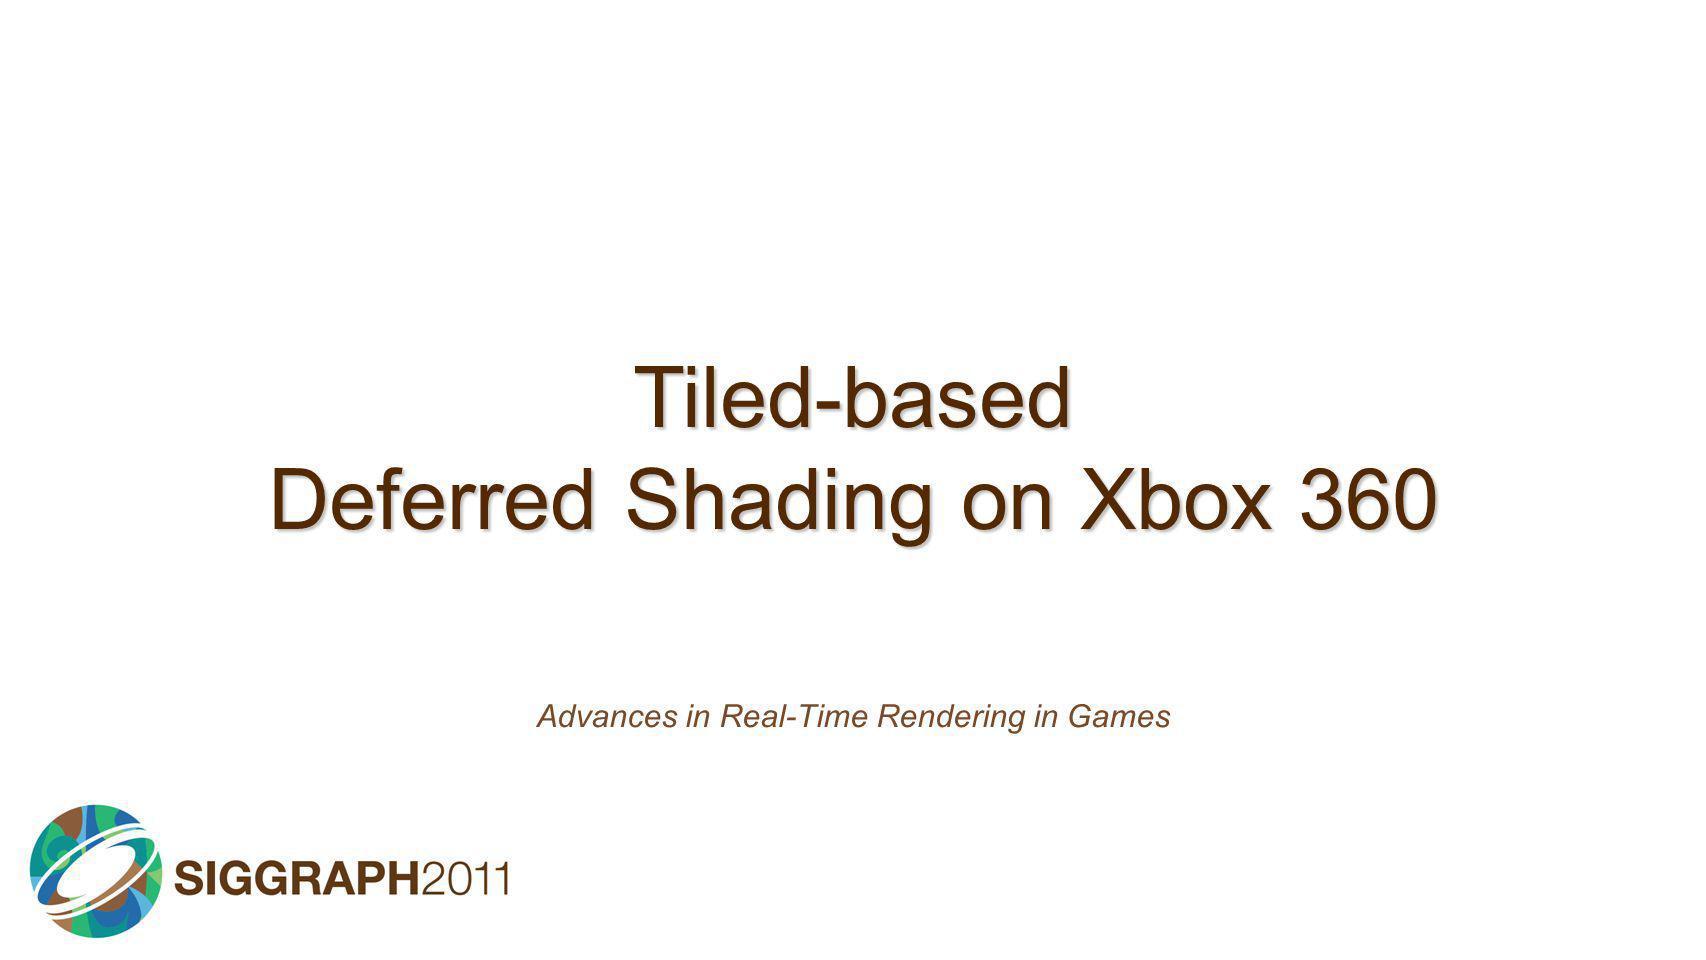 Tiled-based Deferred Shading on Xbox 360